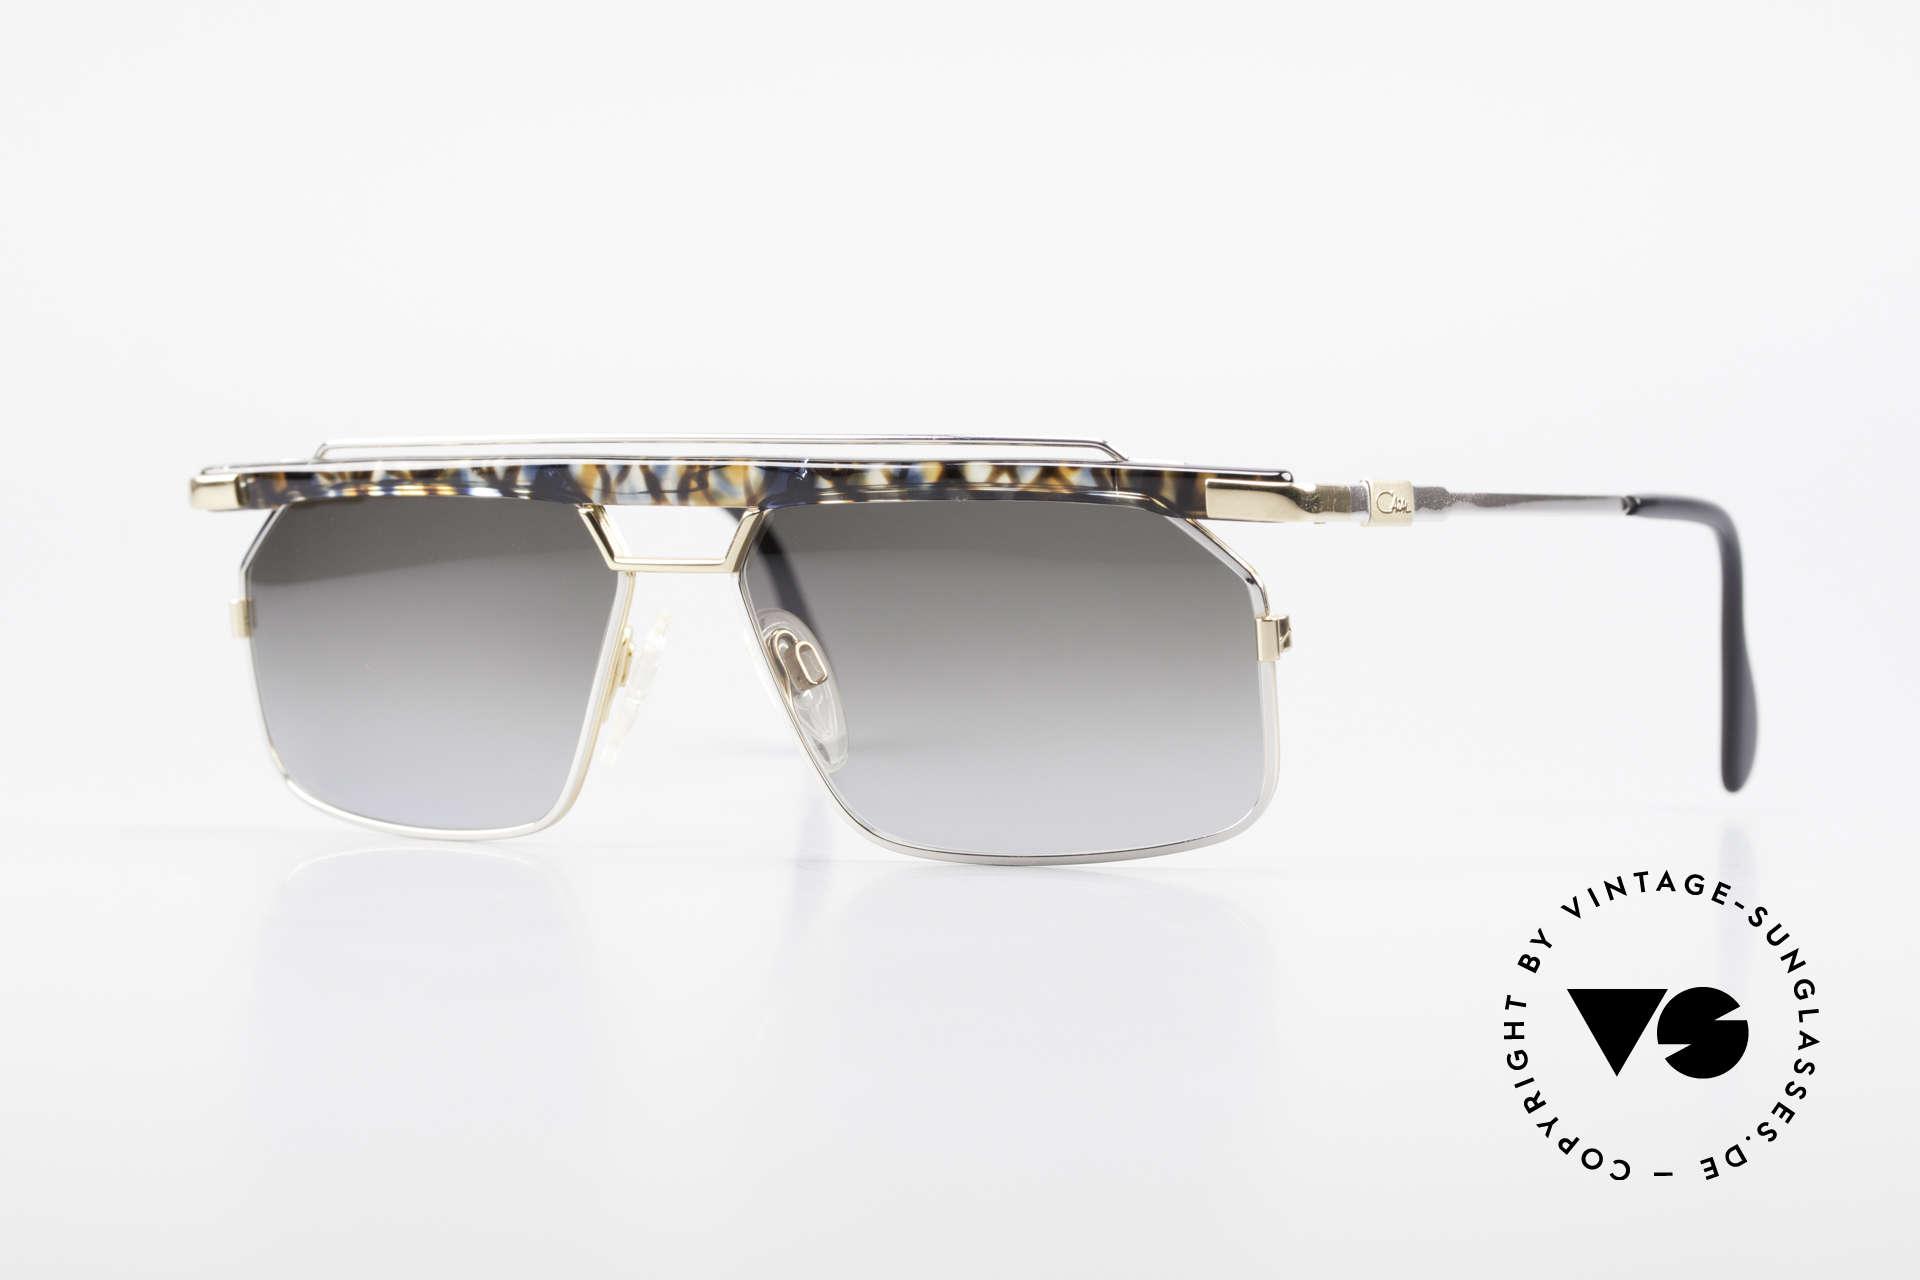 Cazal 752 Extraordinary Vintage Shades, extraordinary & striking Cazal shades from 1993, Made for Men